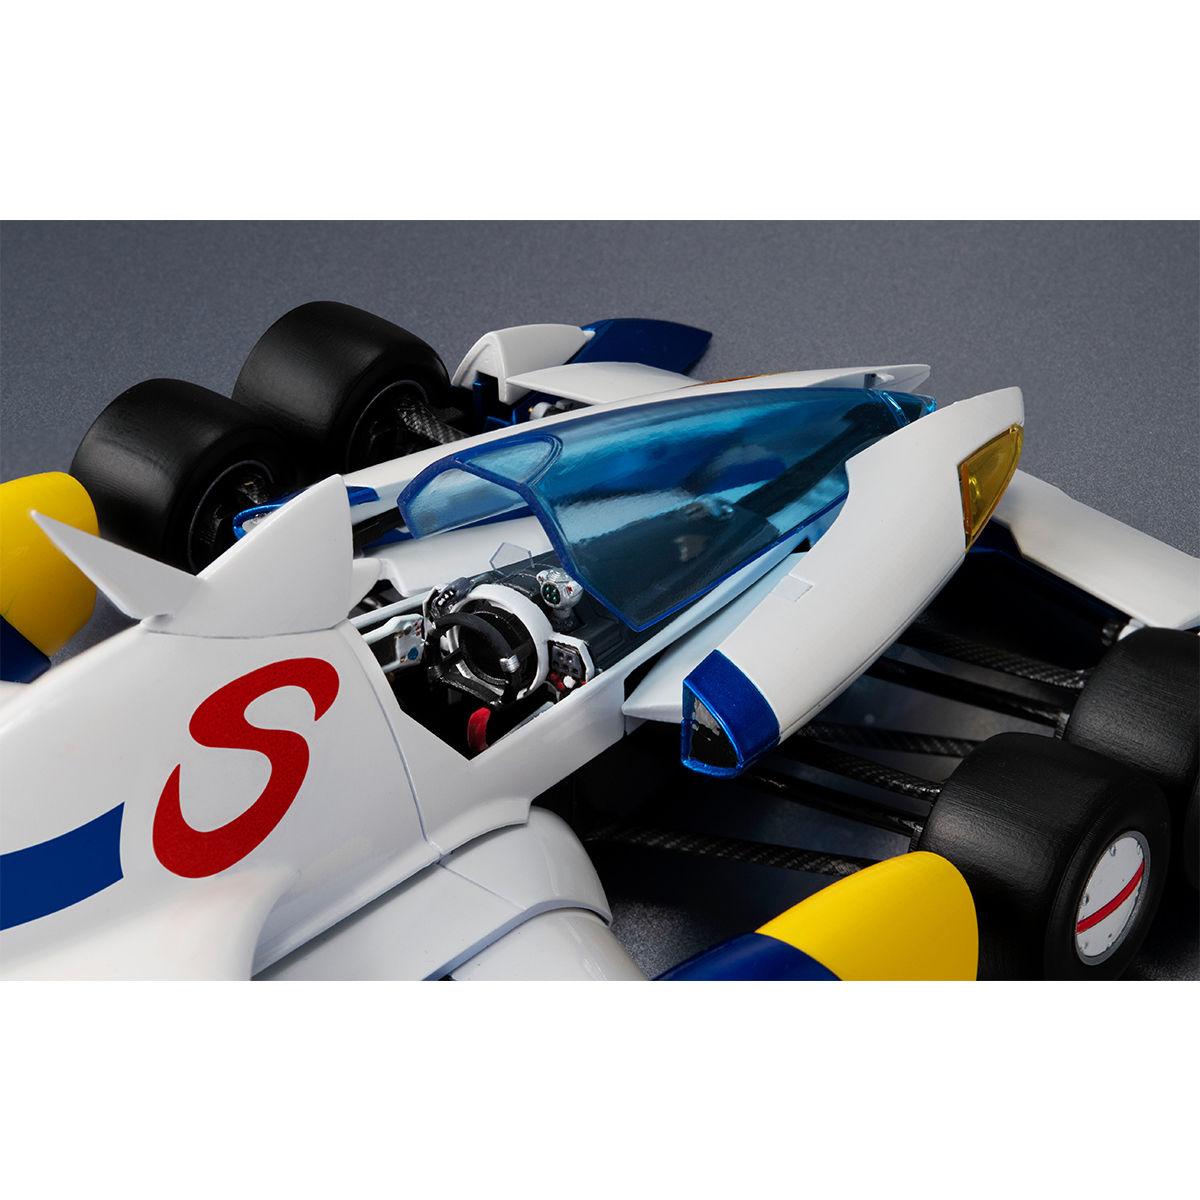 ヴァリアブルアクション Hi-SPEC『スーパーアスラーダ AKF-11』新世紀GPXサイバーフォーミュラ 1/18 可動モデル-009